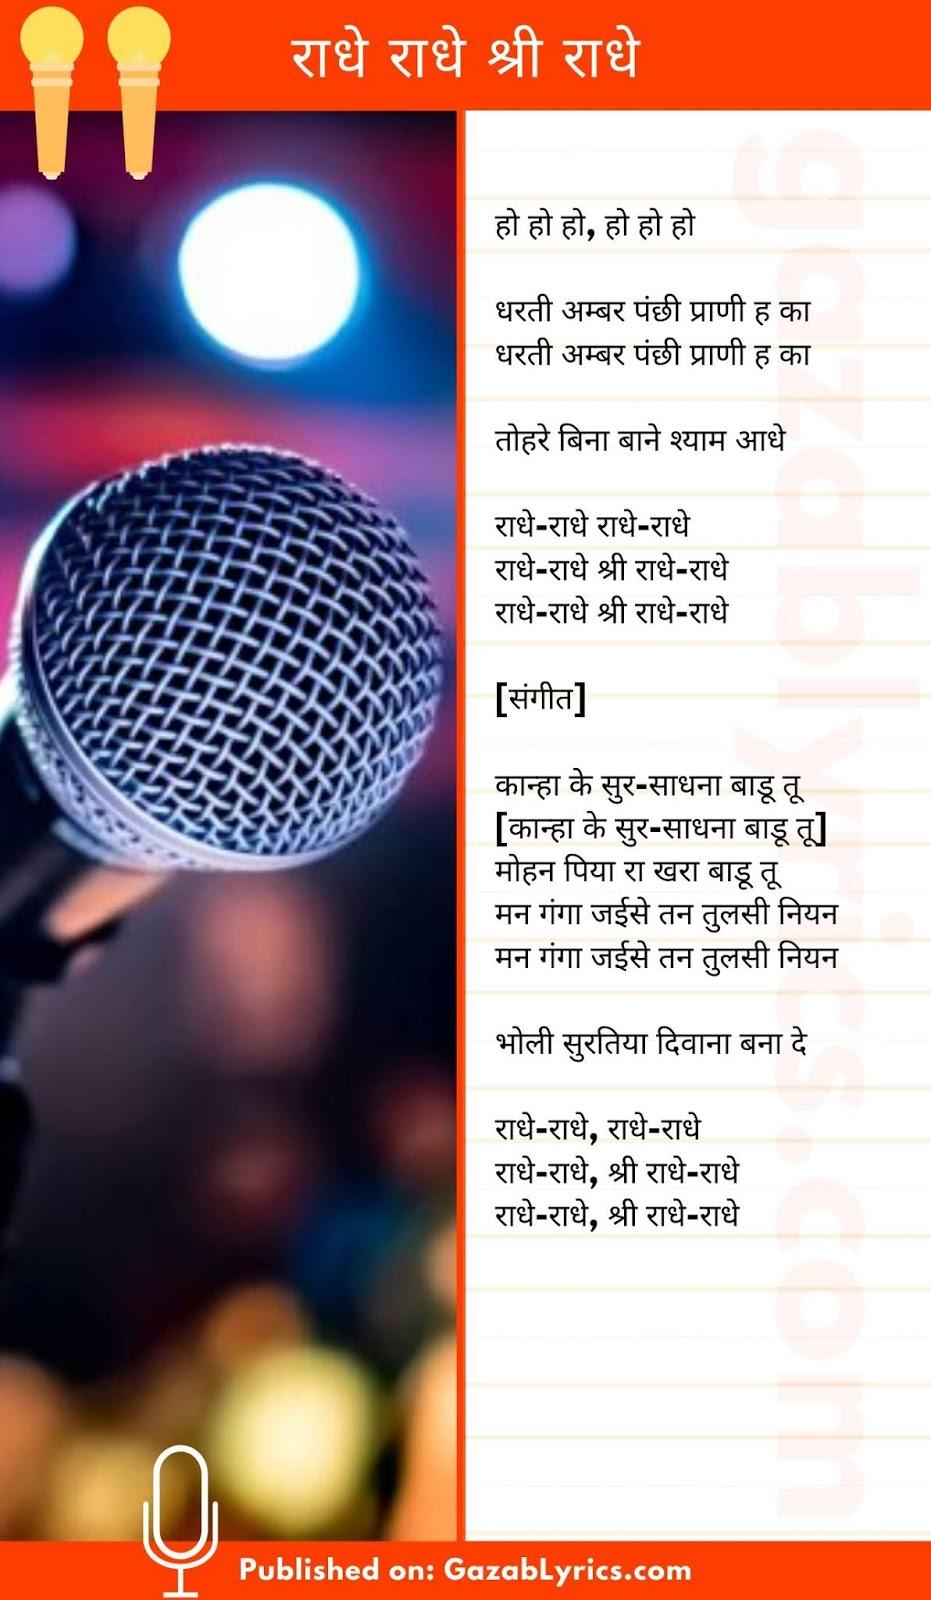 Radhe Radhe Shree Radhe song lyrics image